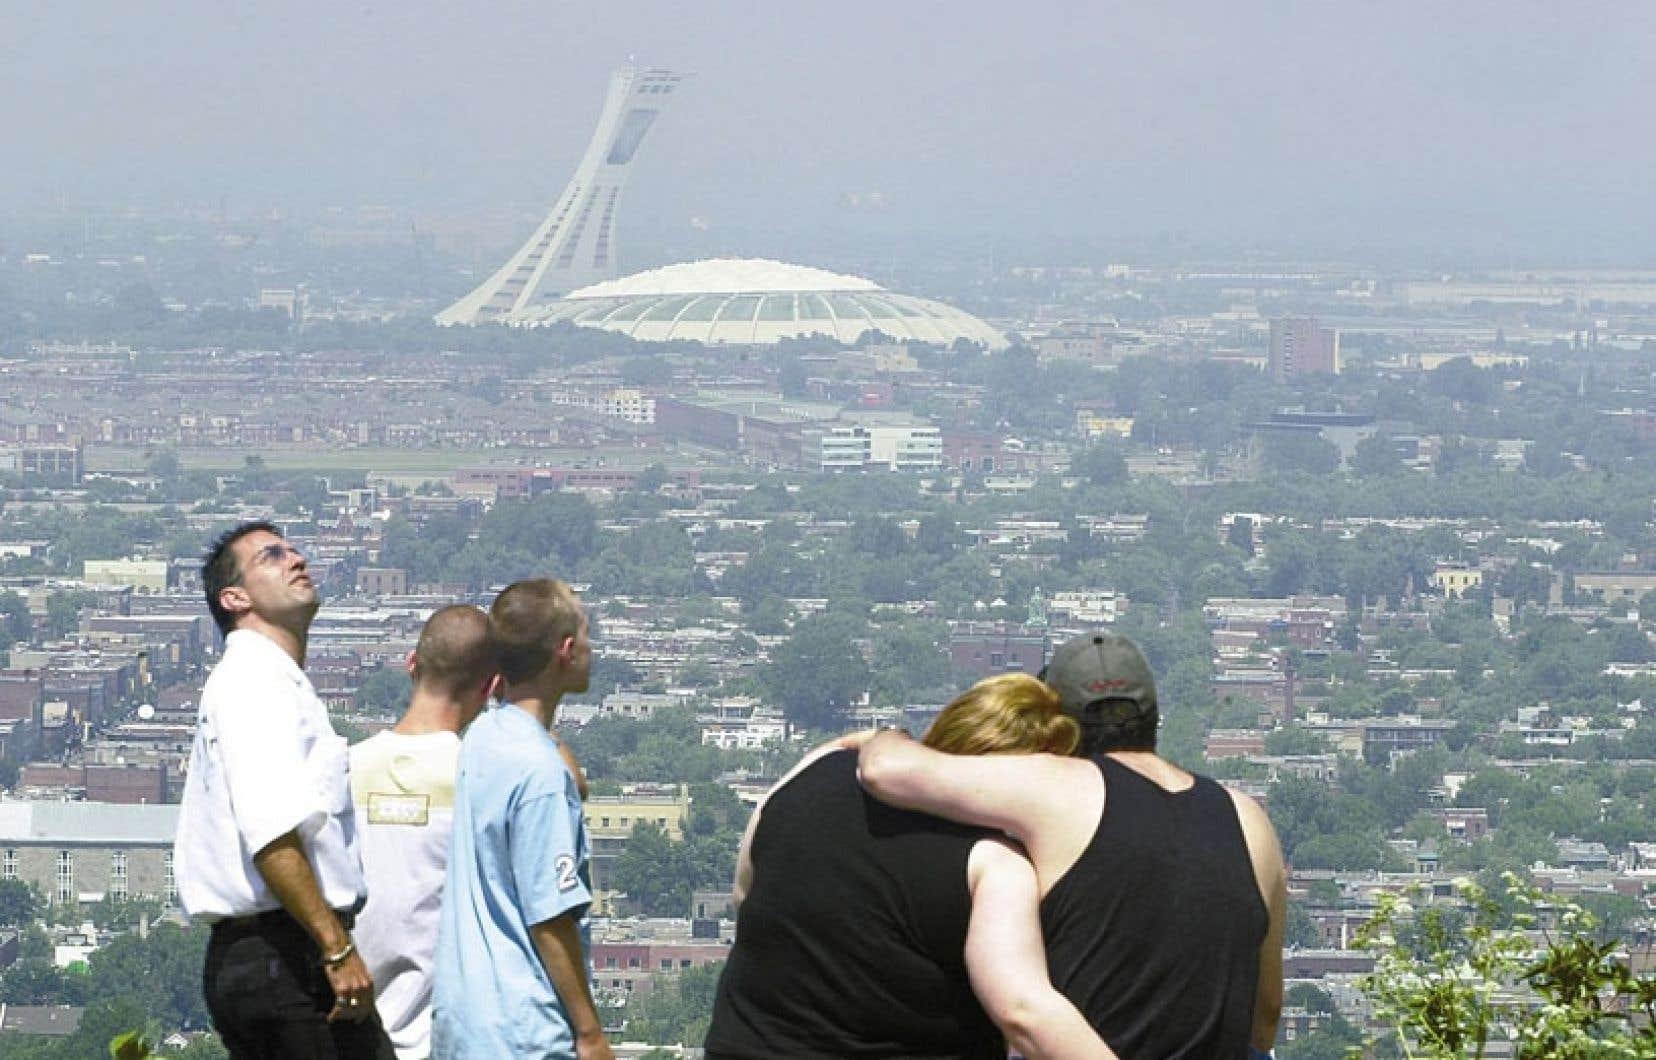 En 2012, on a dénombré 49 jours de mauvaise qualité de l'air alors que la moyenne des quatre années précédentes était de 67 jours.